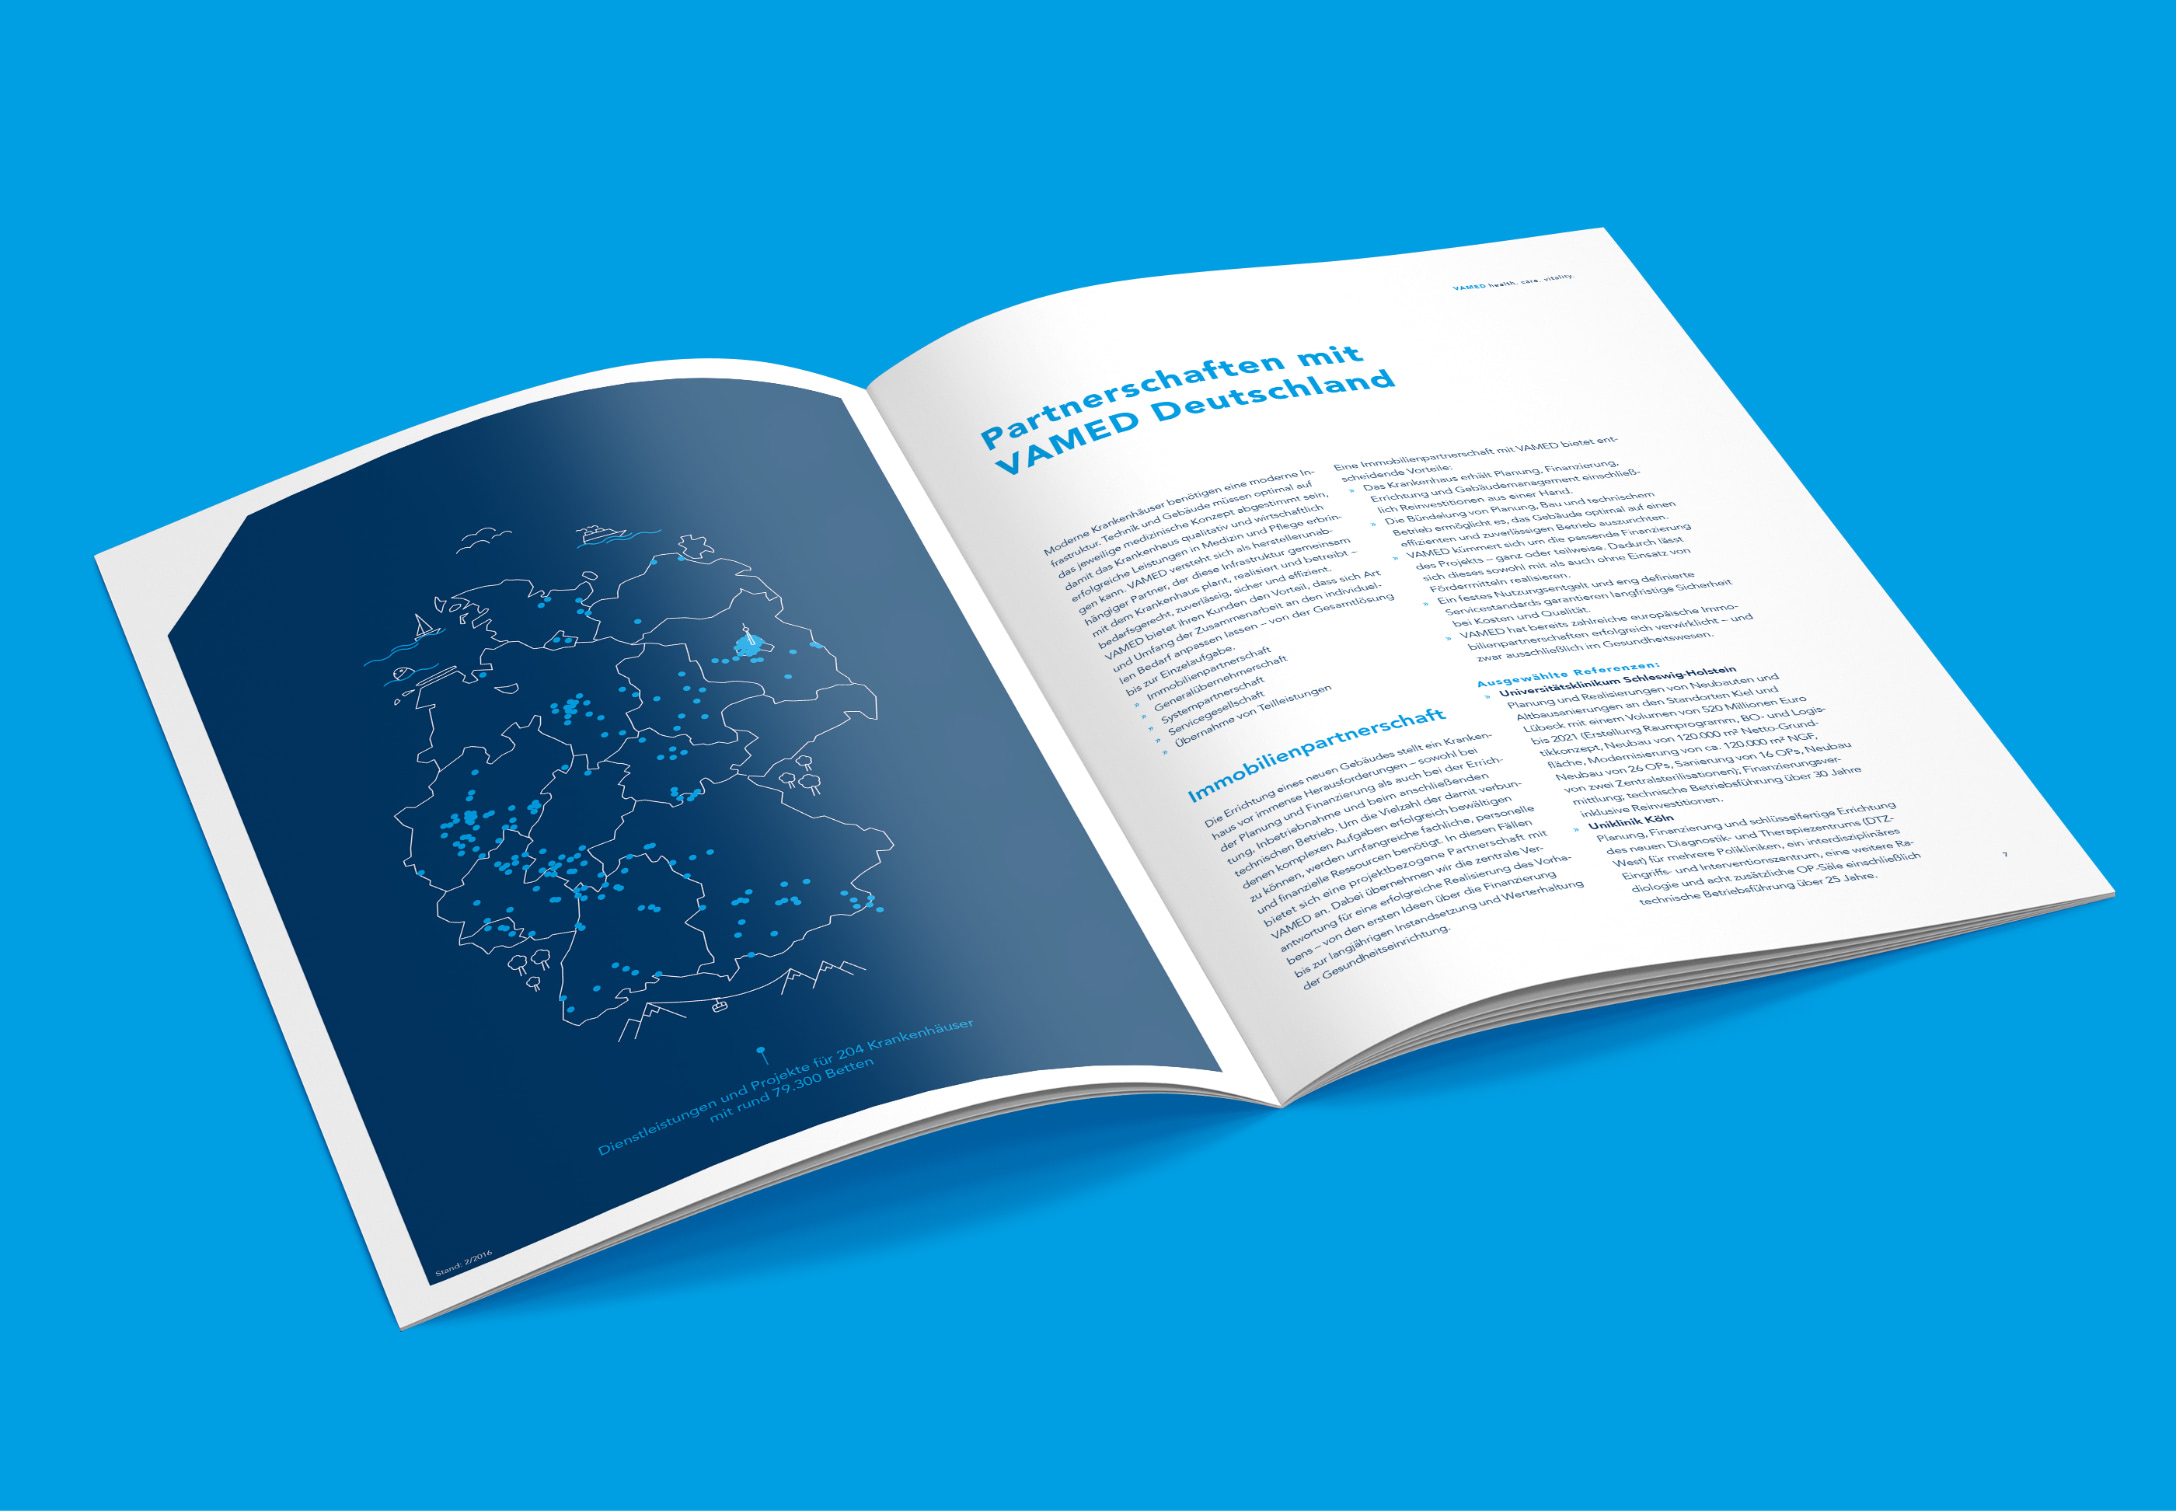 Doppelseite mit einer großen Illustration, gestaltet von der Healthcare Werbeagentur mcs für die neue Imagebroschüre der VAMED